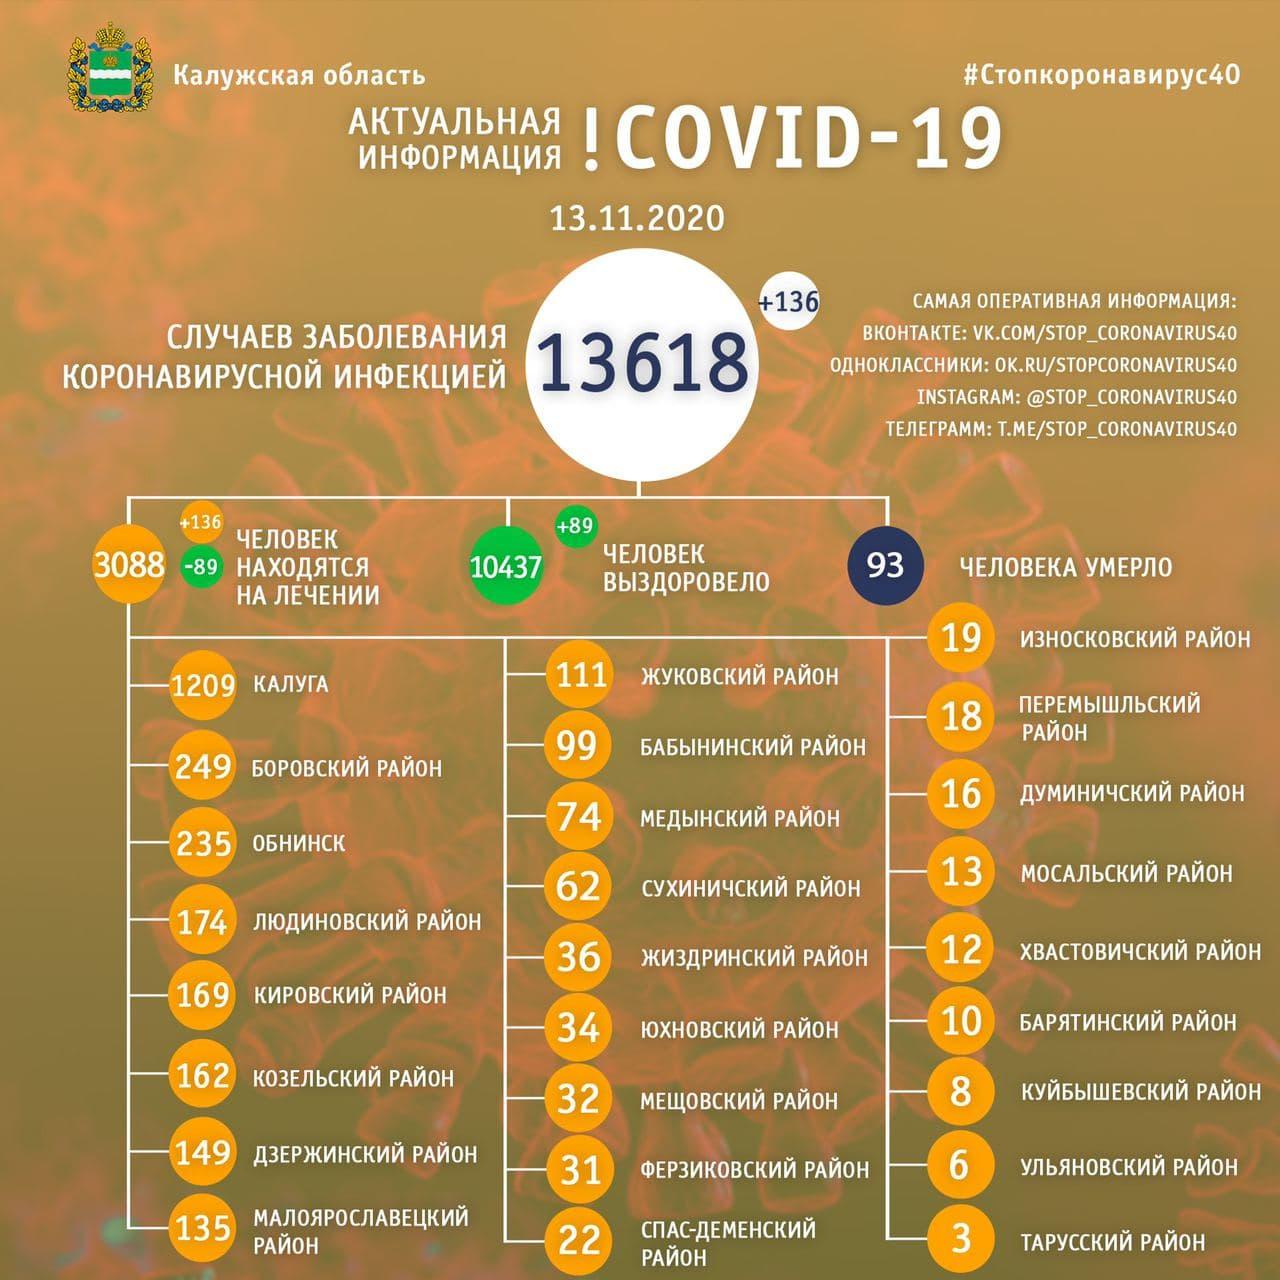 Официальная статистика по коронавирусу в Калужской области на 13 ноября 2020 года.